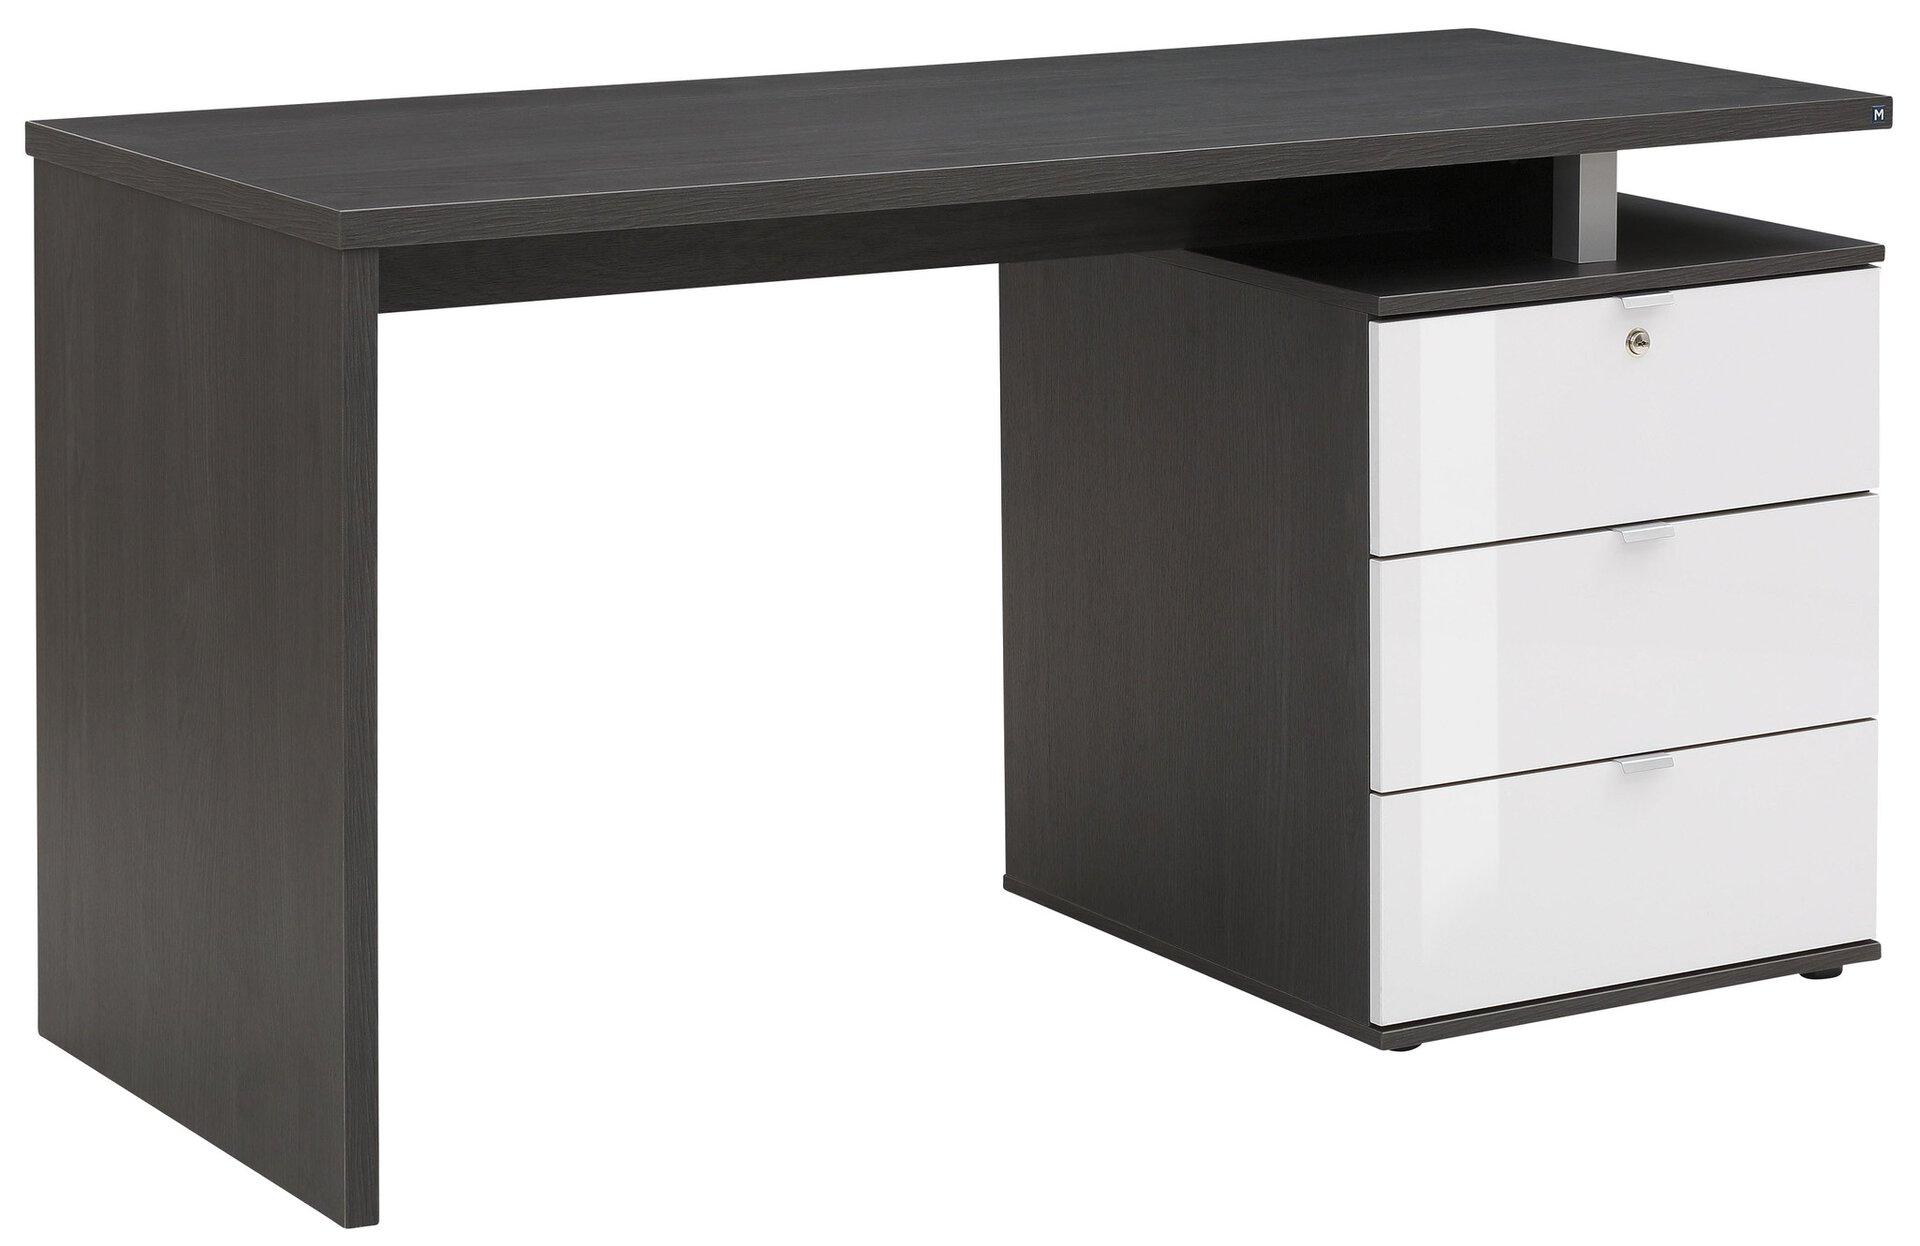 Schreibtisch Maja Möbel Holzwerkstoff grau 60 x 75 x 140 cm